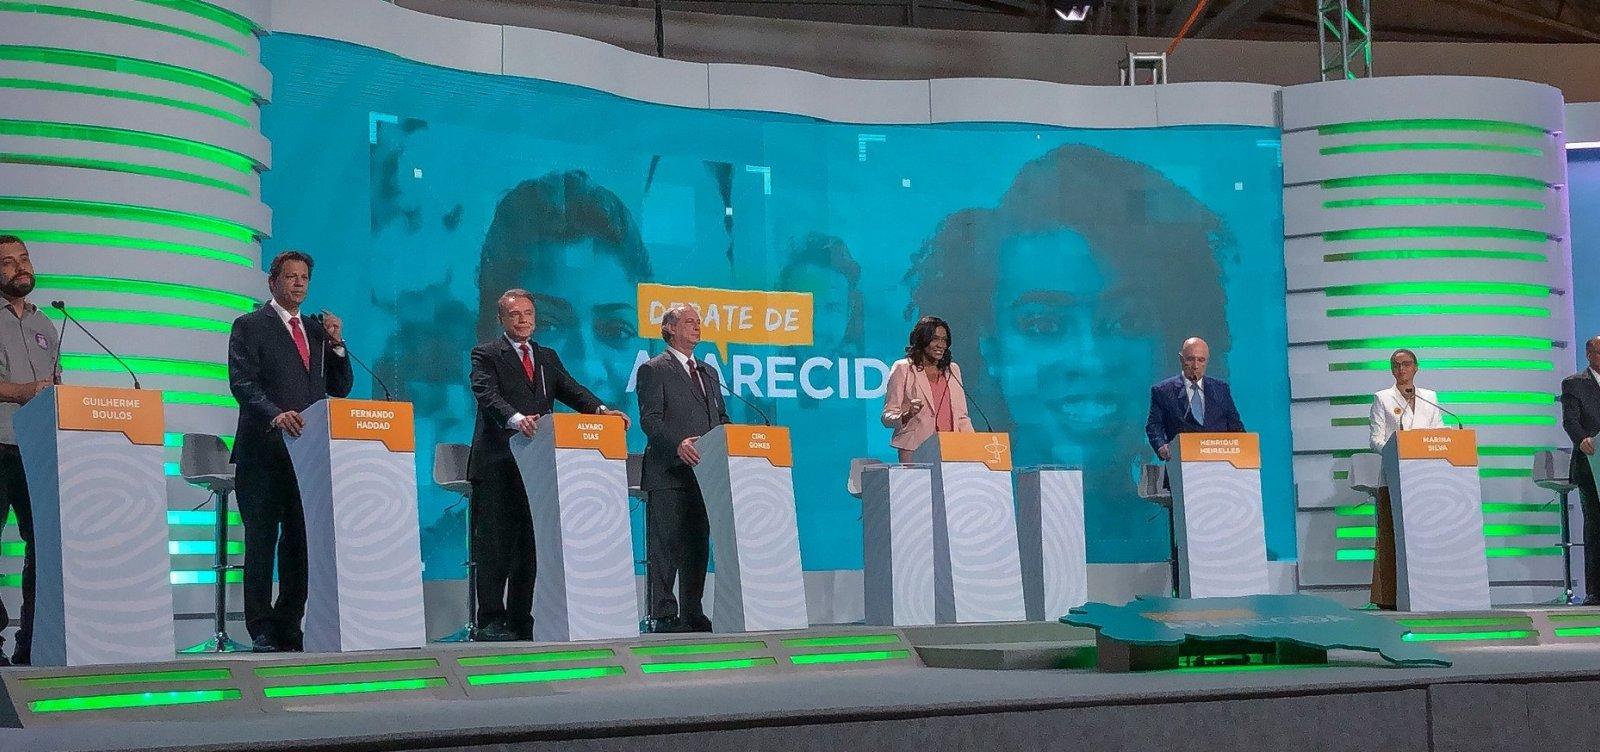 [Em seu primeiro debate, Haddad protagoniza confrontos com Alckmin e Meirelles]